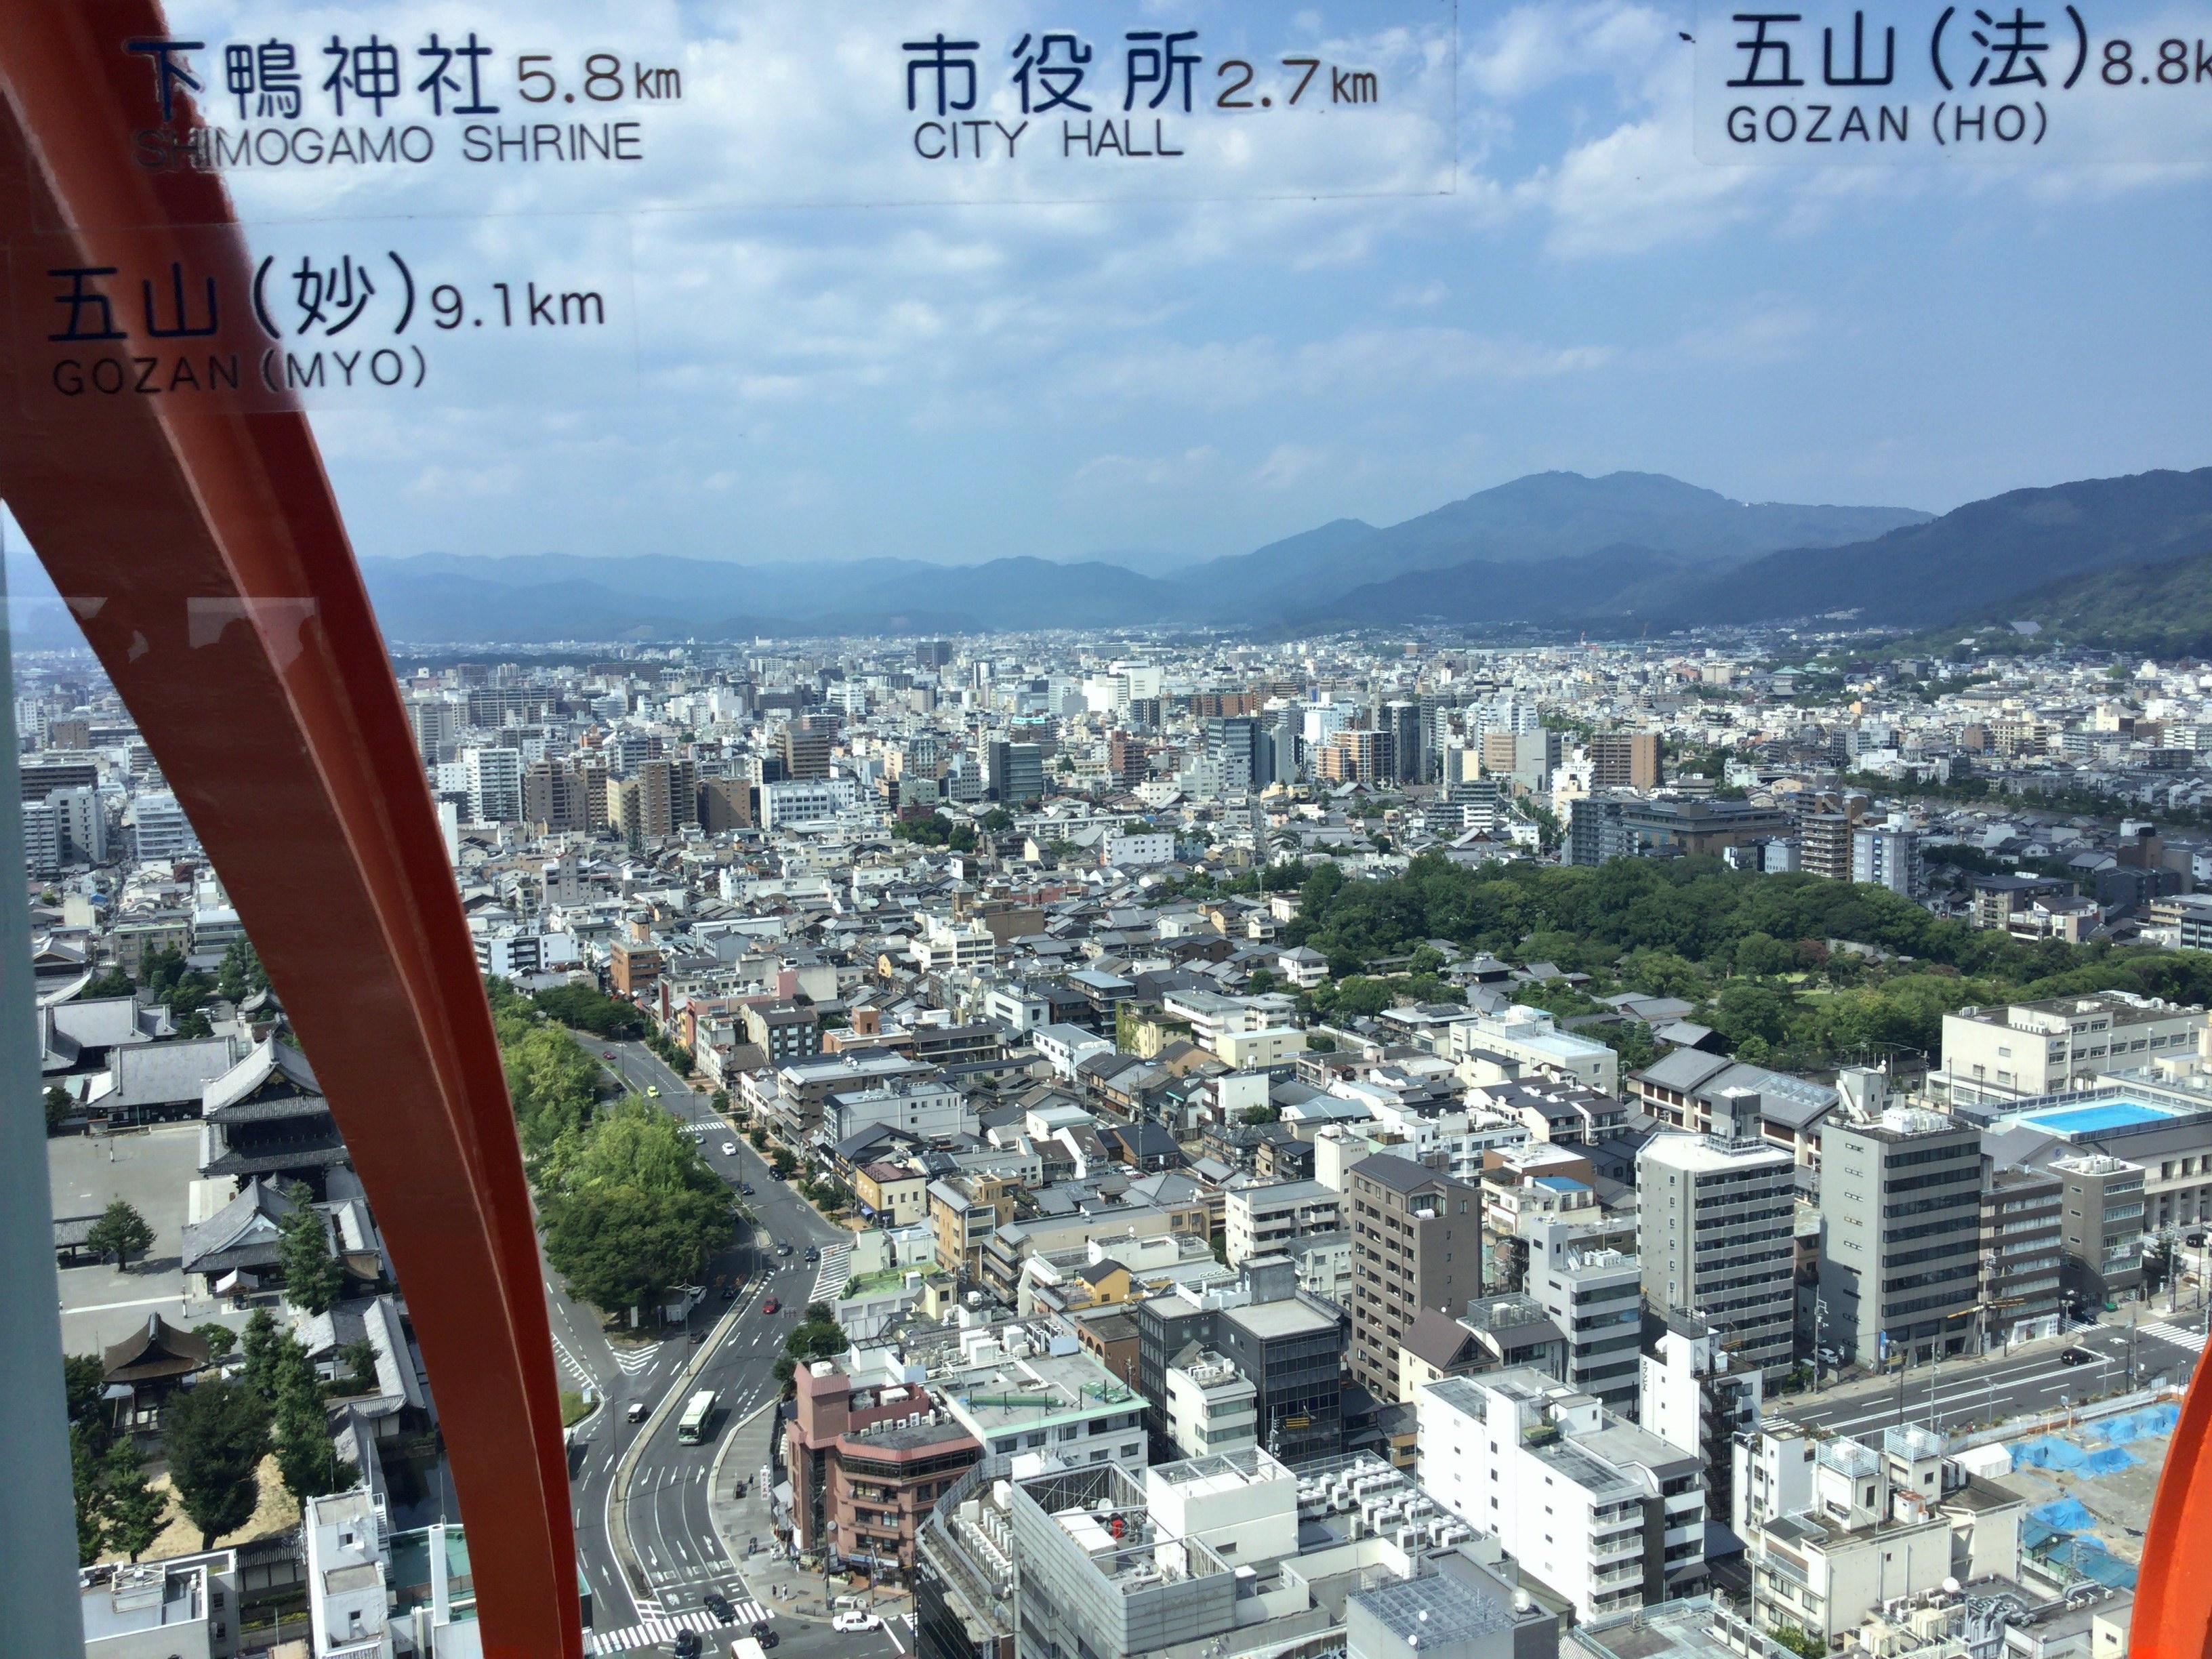 五山(法)、五山(妙)、市役所、下鴨神社、比叡山、京都大学方面